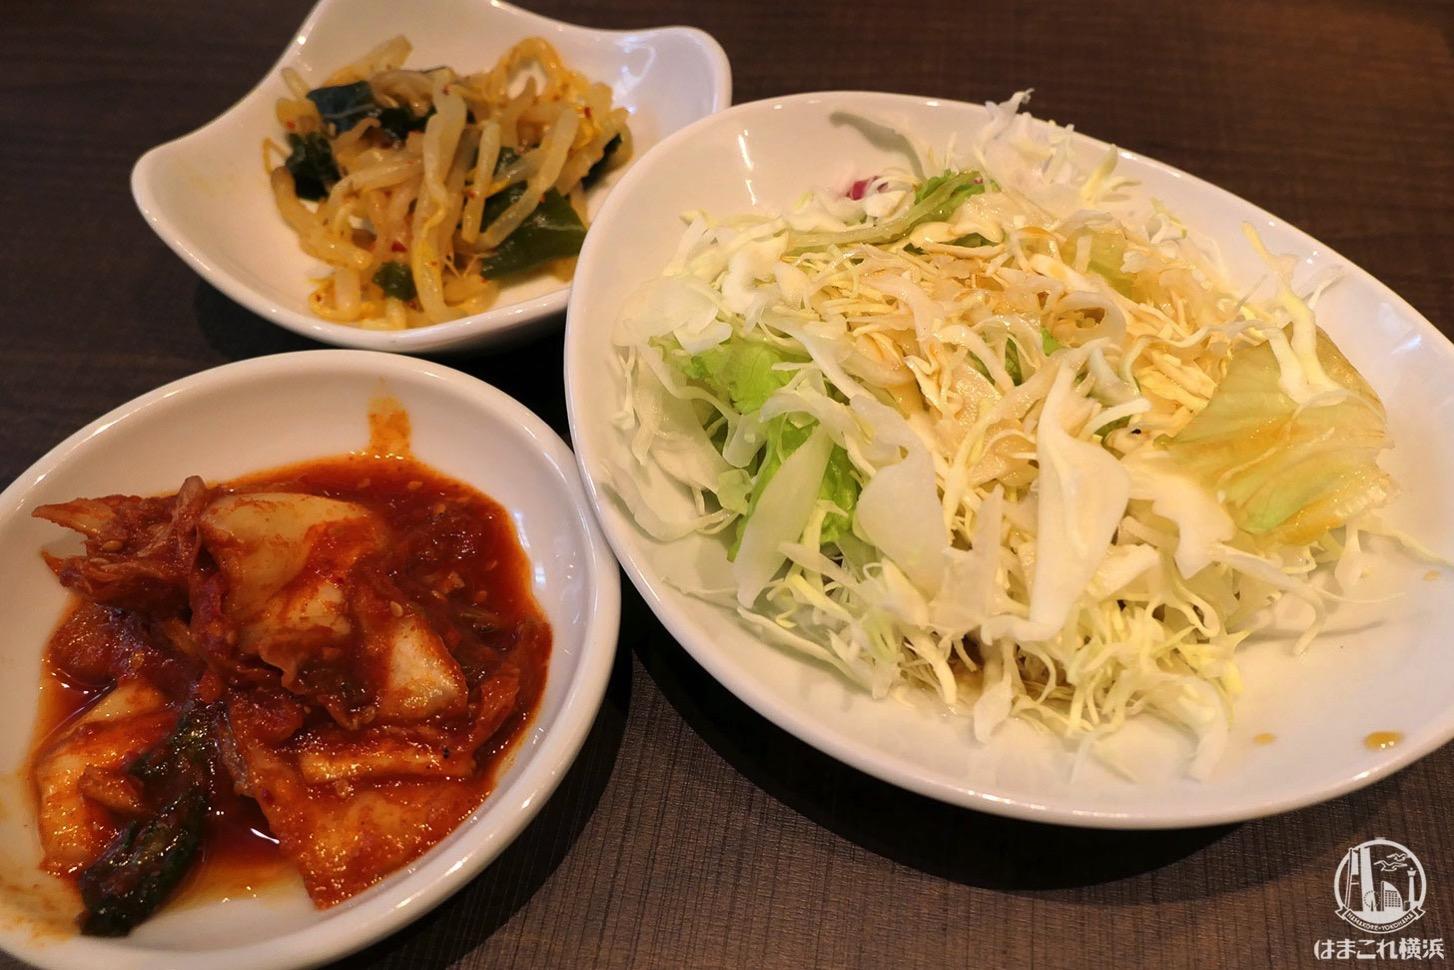 ランチのキムチ・サラダ・ナムル